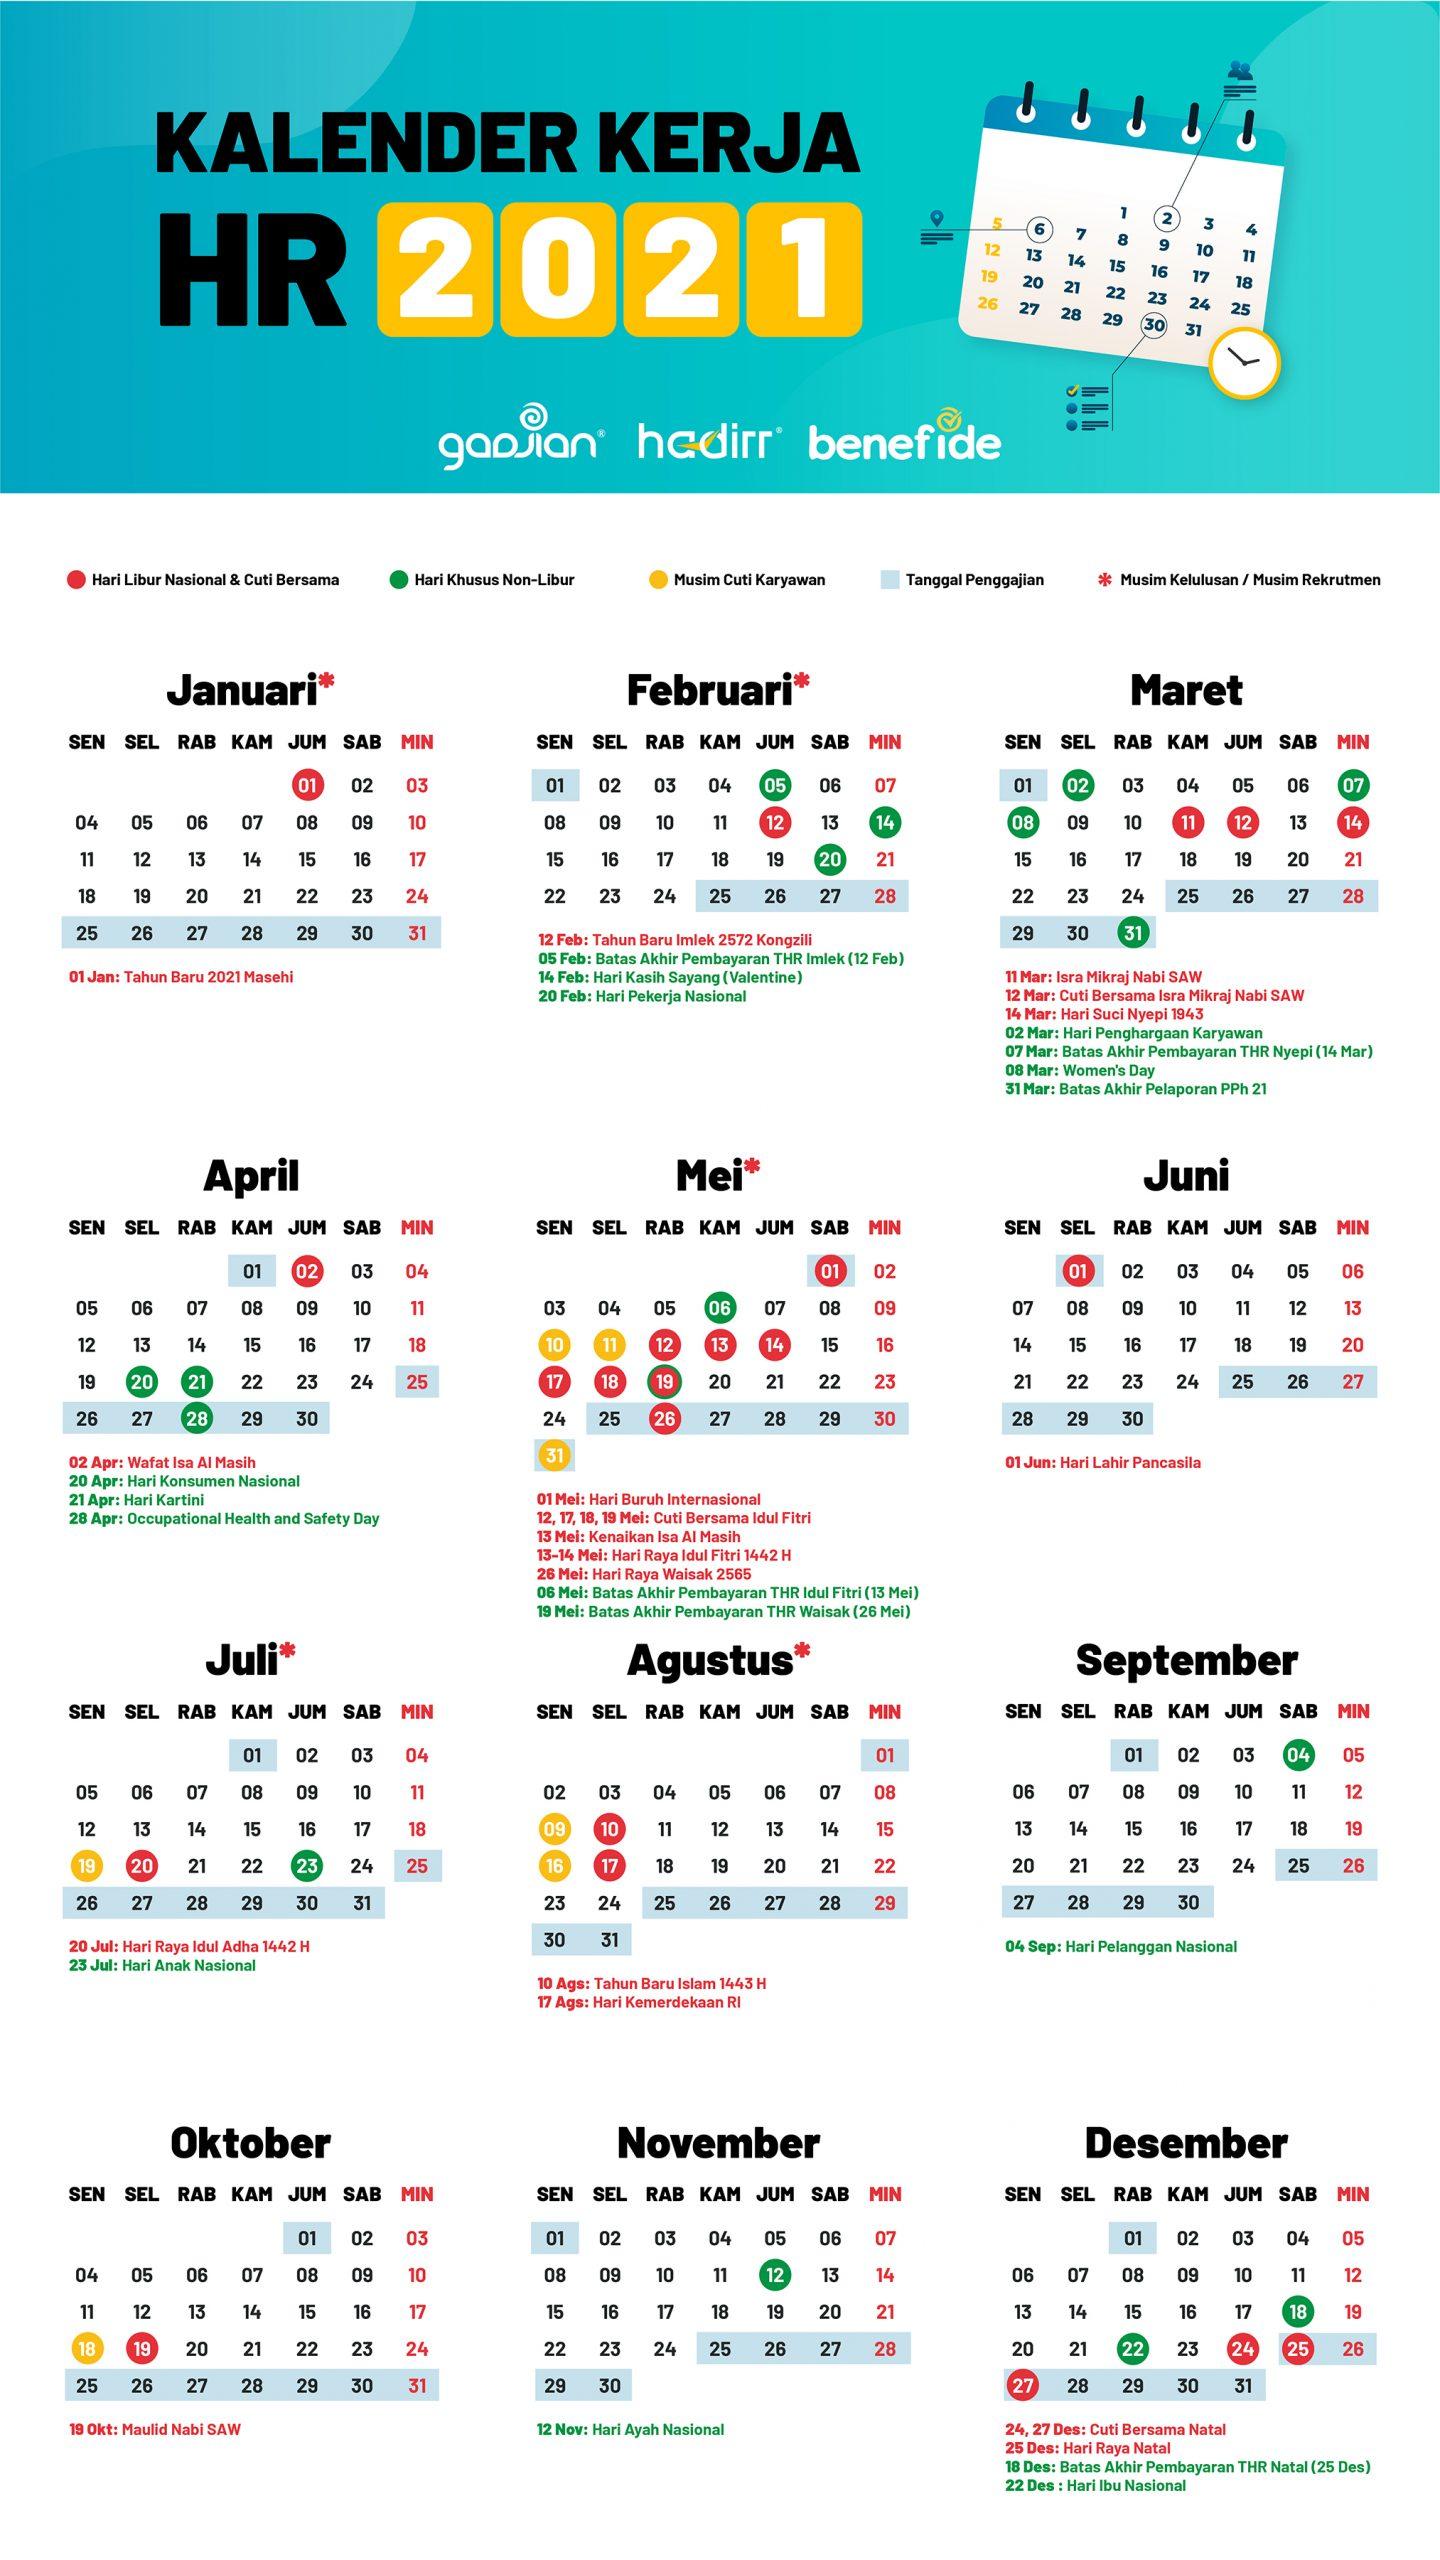 Kalender HR 2021 Lengkap dengan Jadwal Libur dan Cuti ...